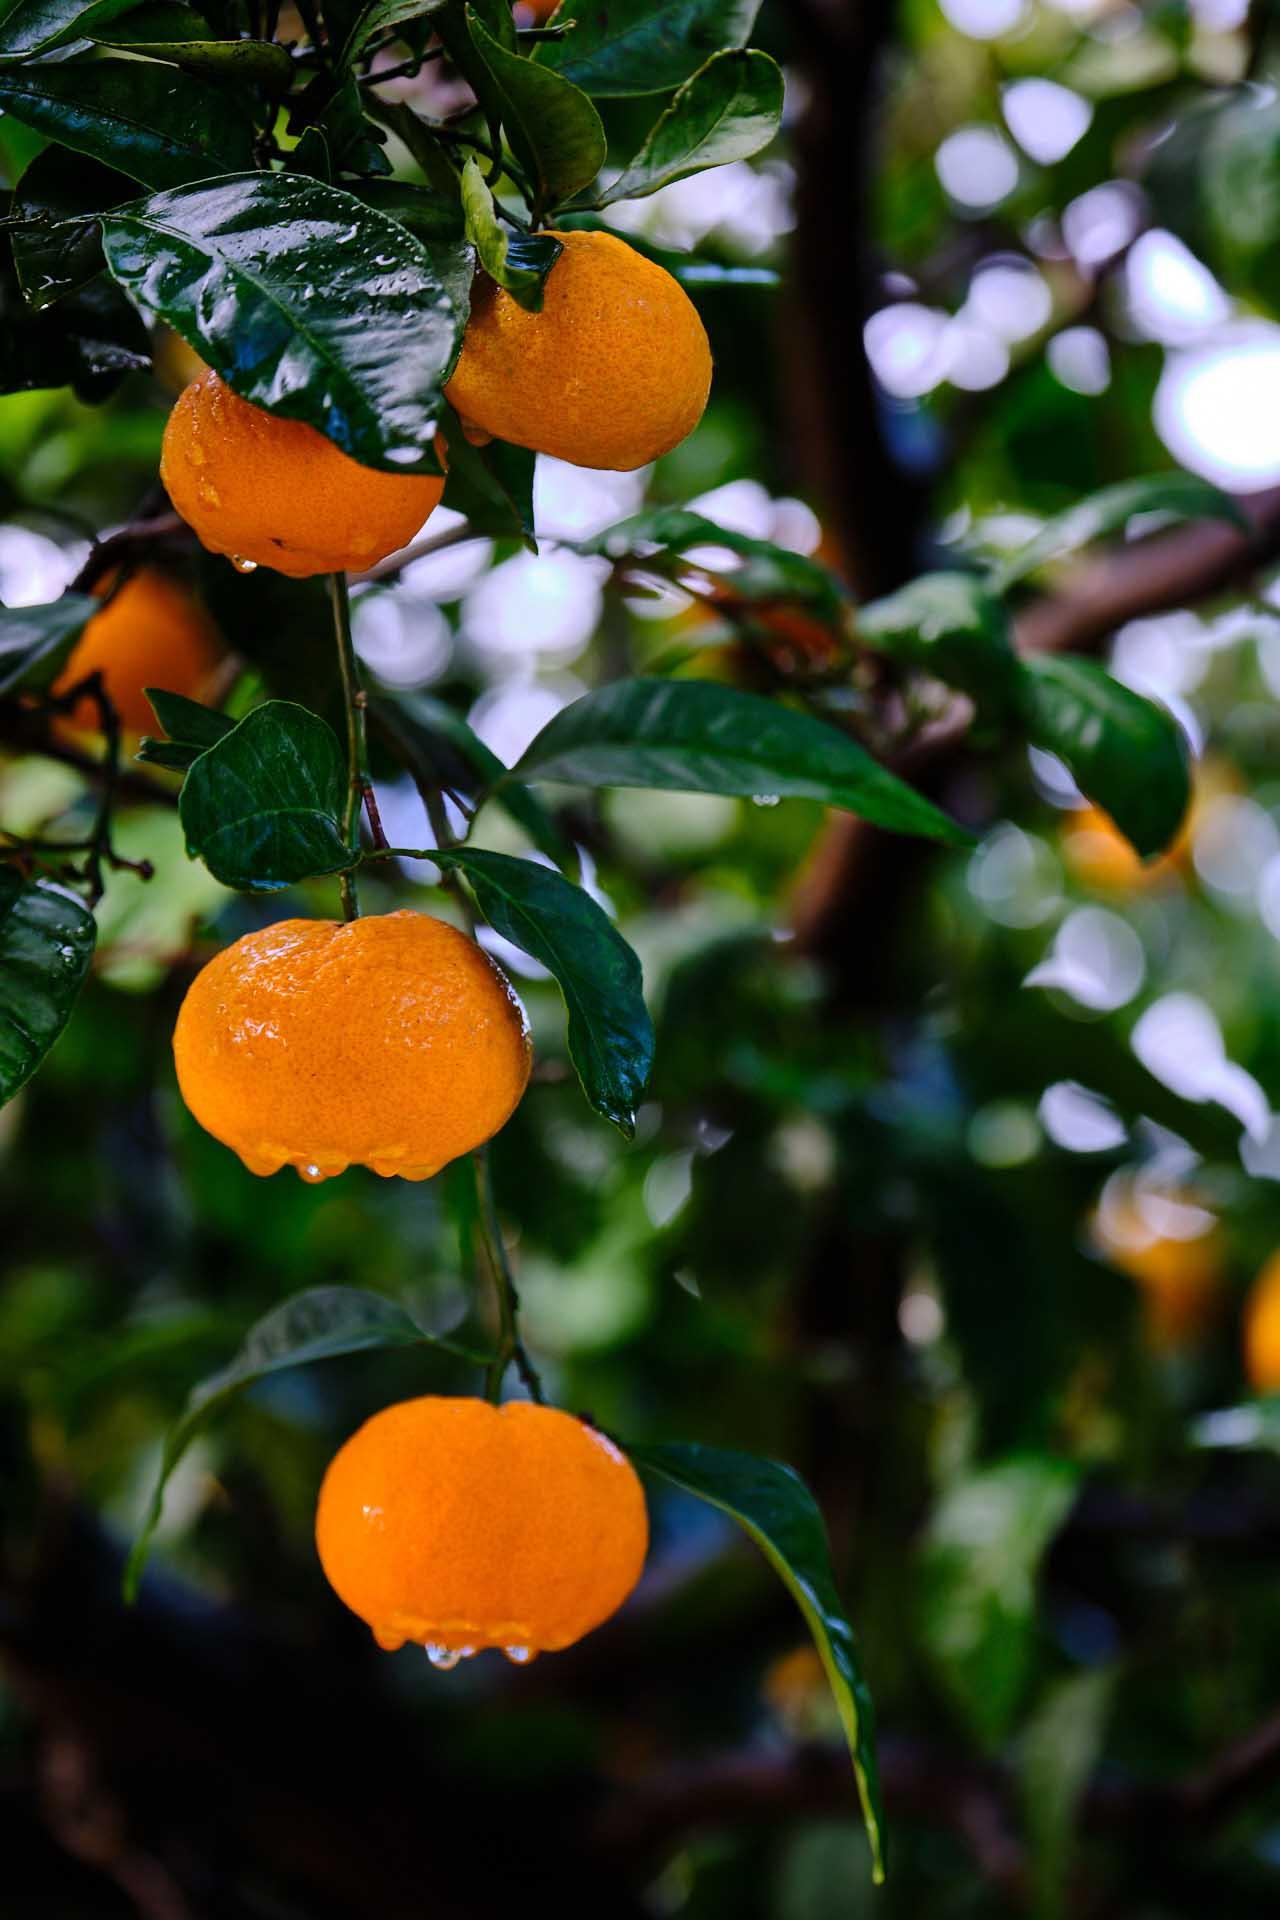 Dalmatínske mandarínky